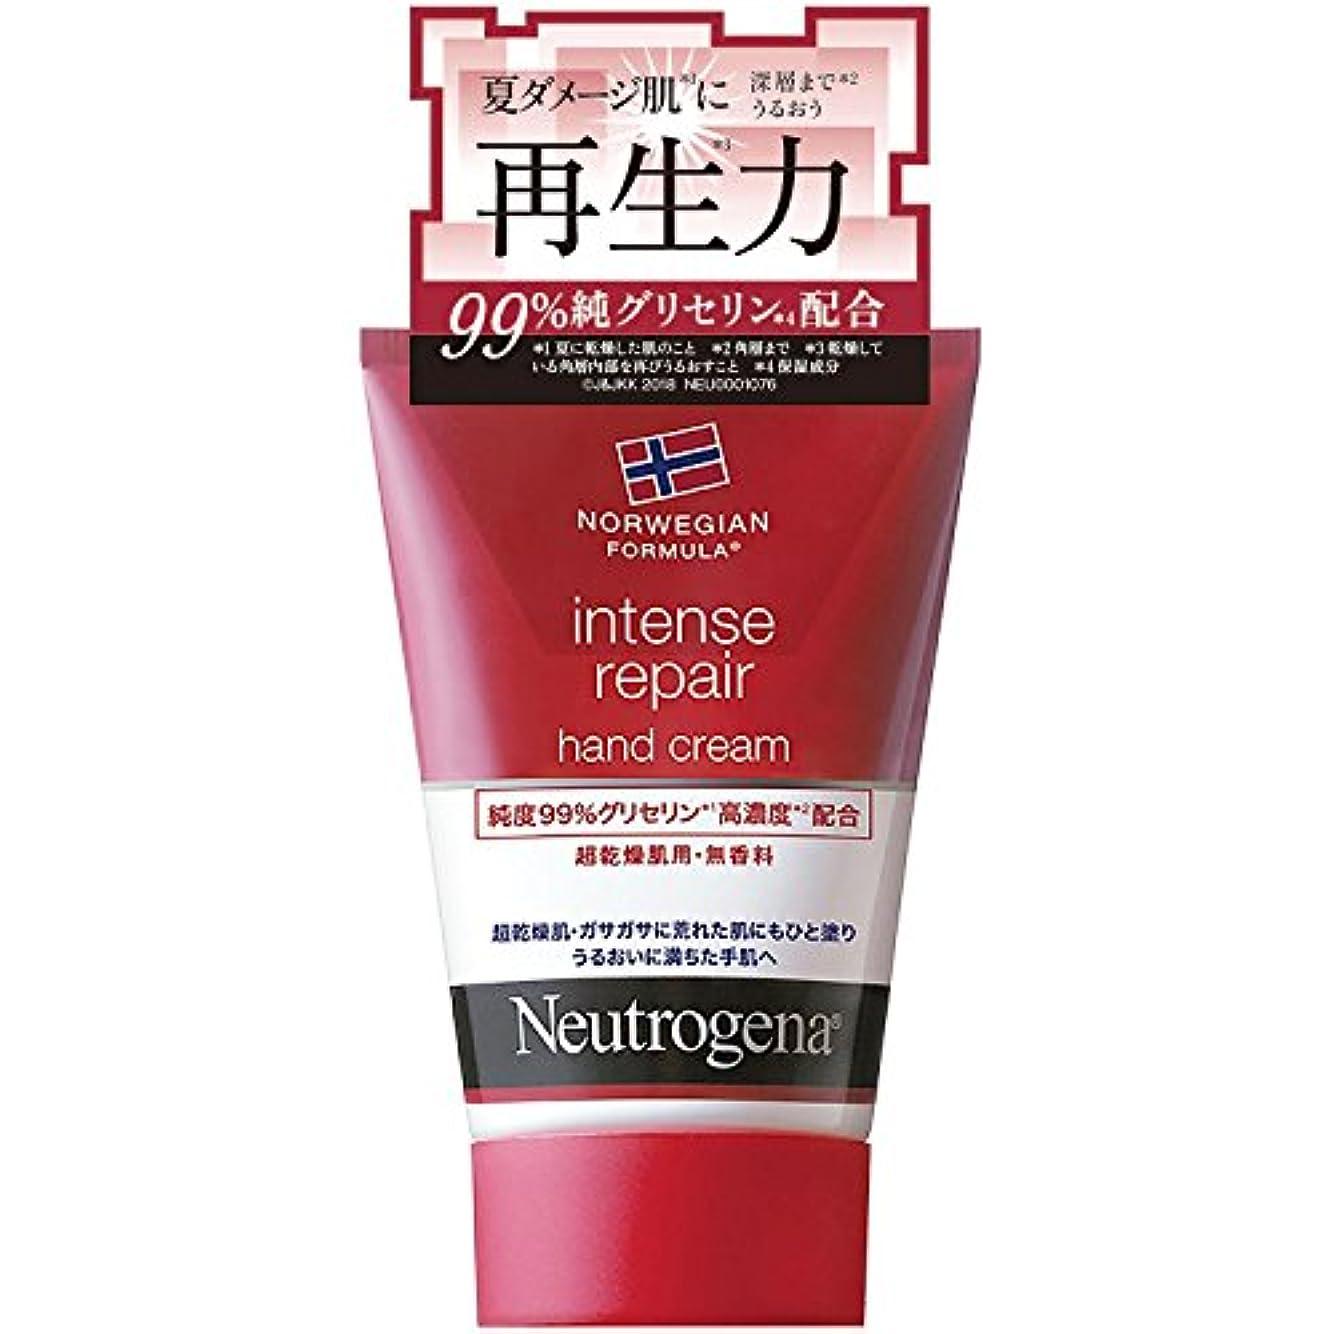 止まる血統極小Neutrogena(ニュートロジーナ) ノルウェーフォーミュラ インテンスリペア ハンドクリーム 超乾燥肌用 無香料 単品 50g